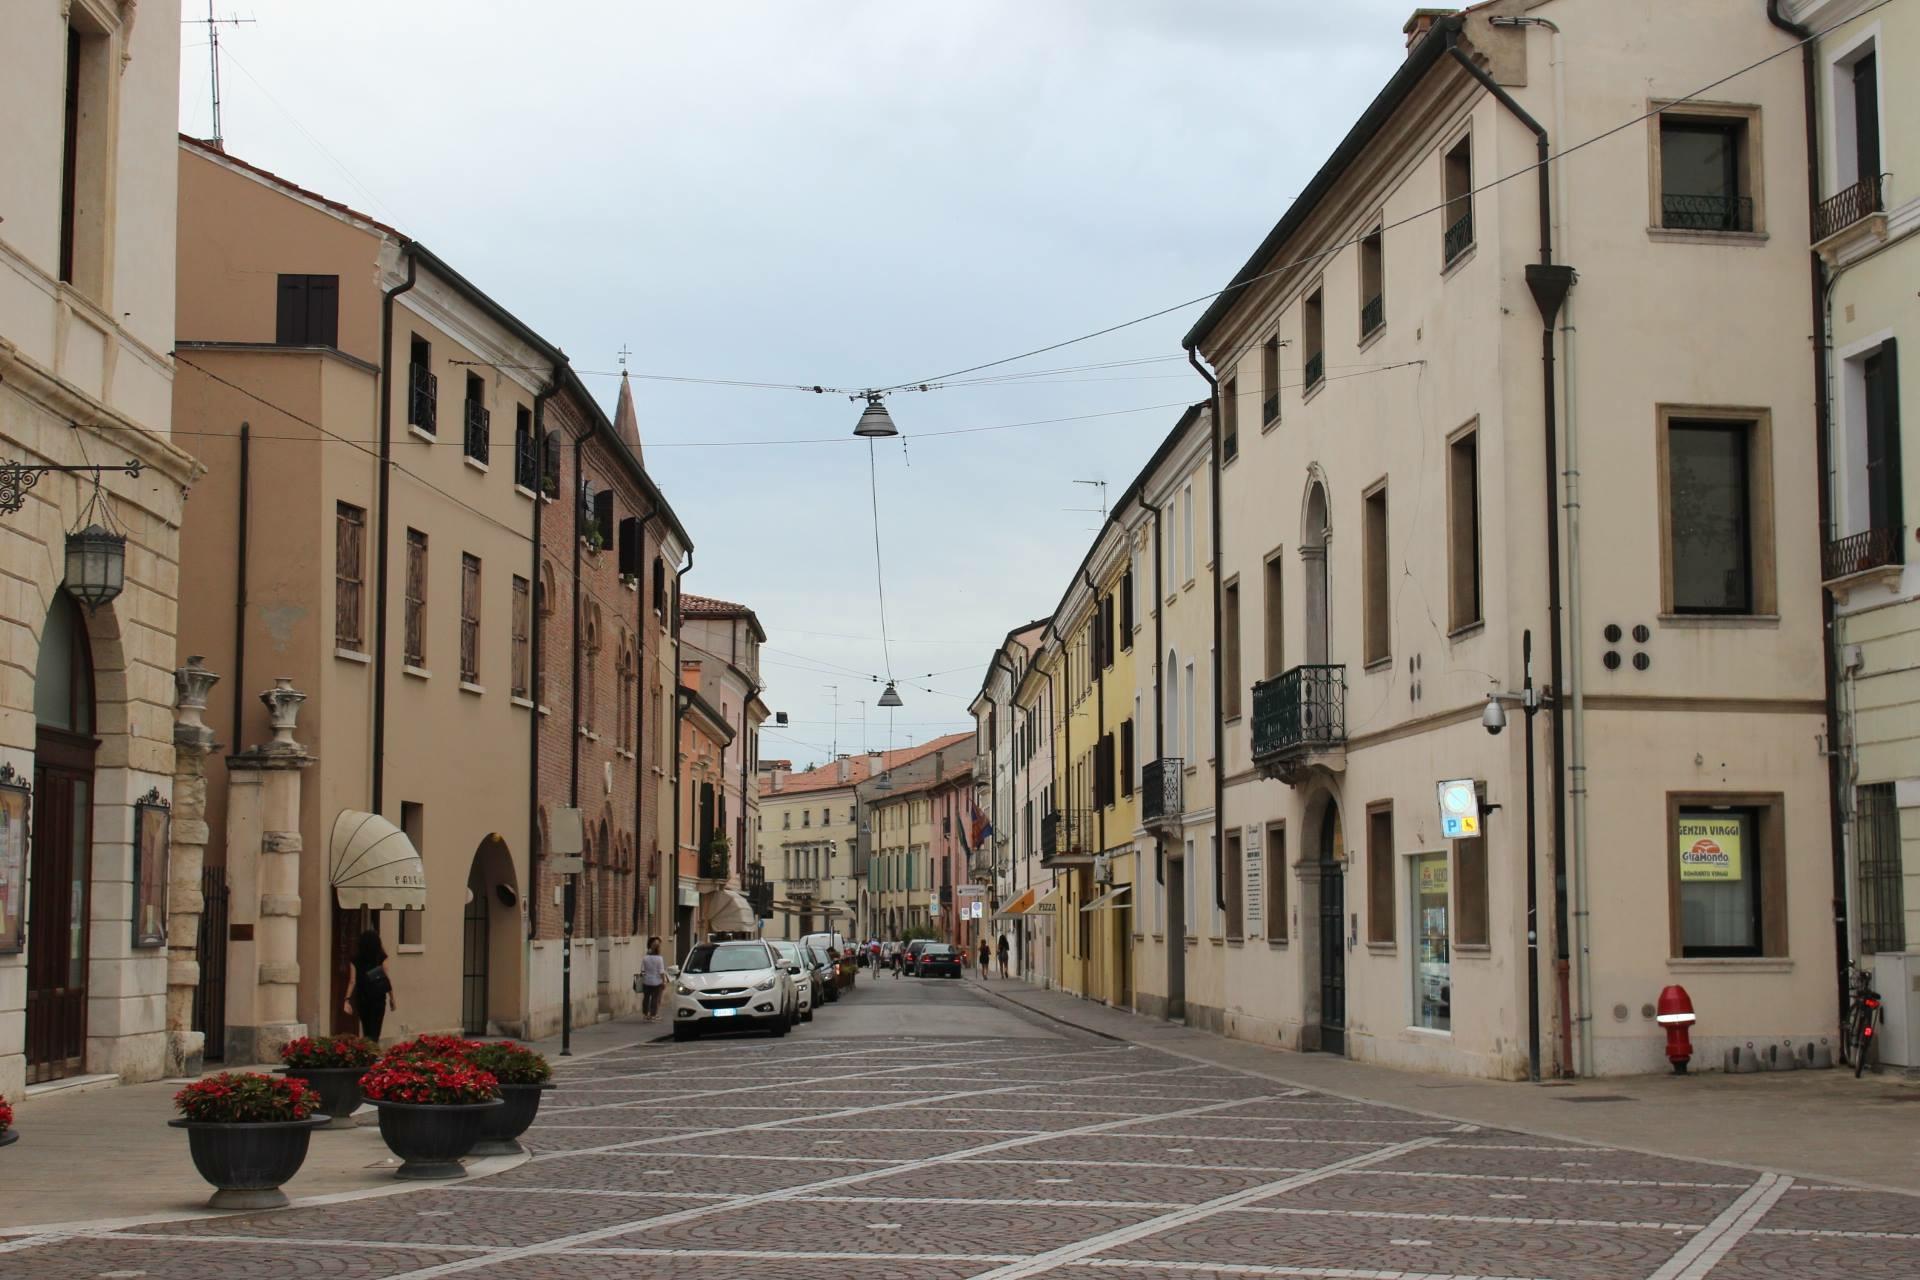 Palazzo Silvestri da Piazza Garibaldi